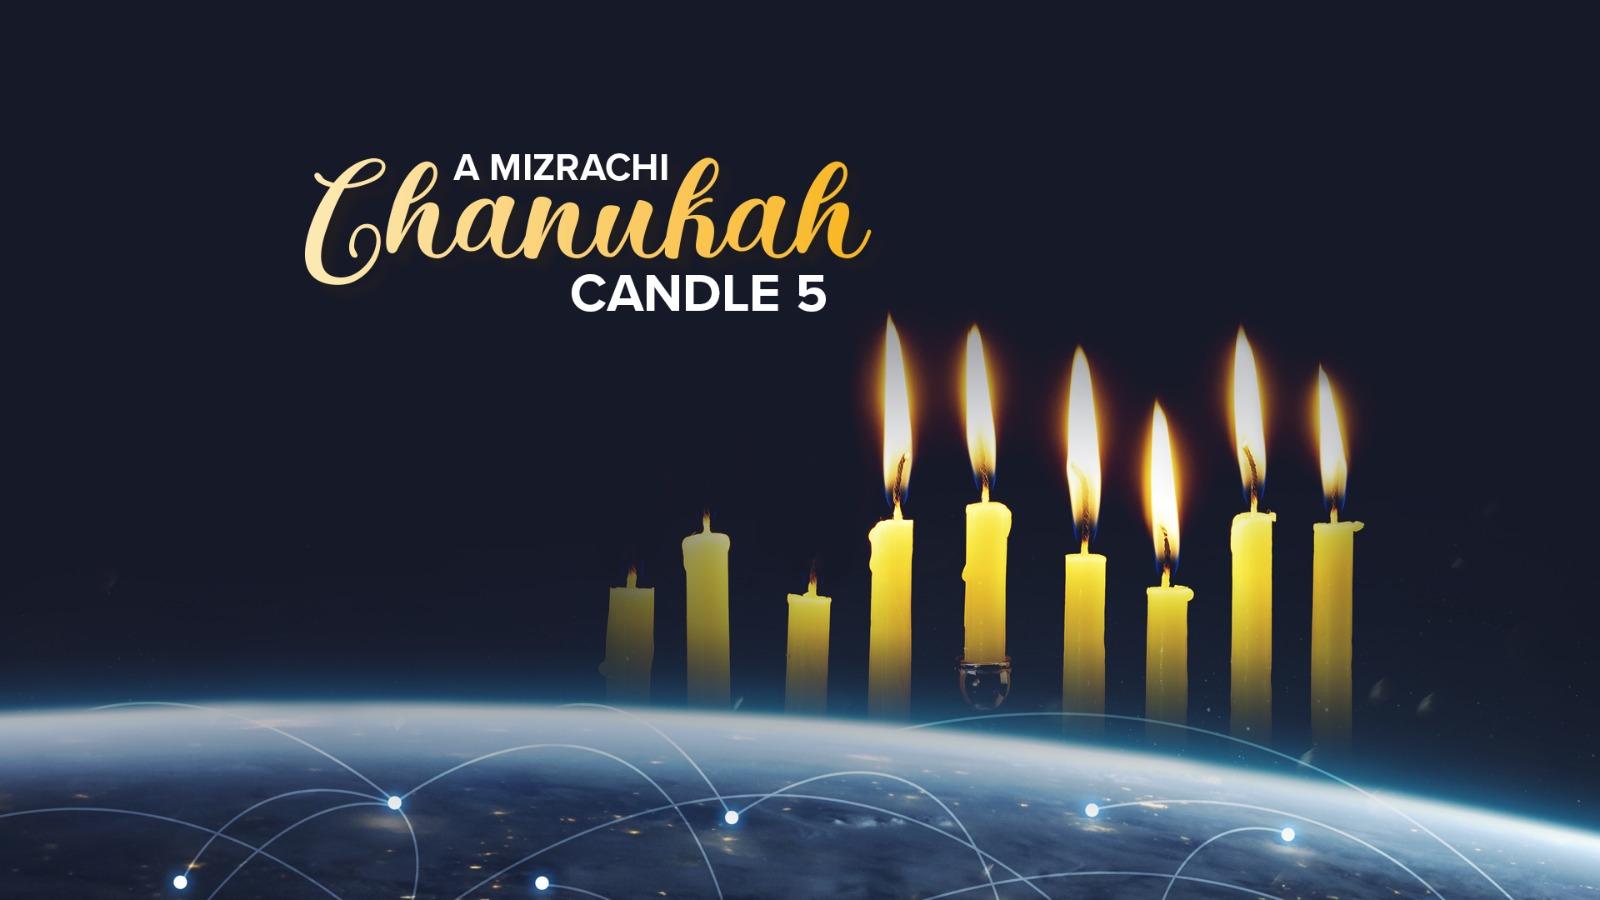 A Mizrachi Chanukah – Candle 5